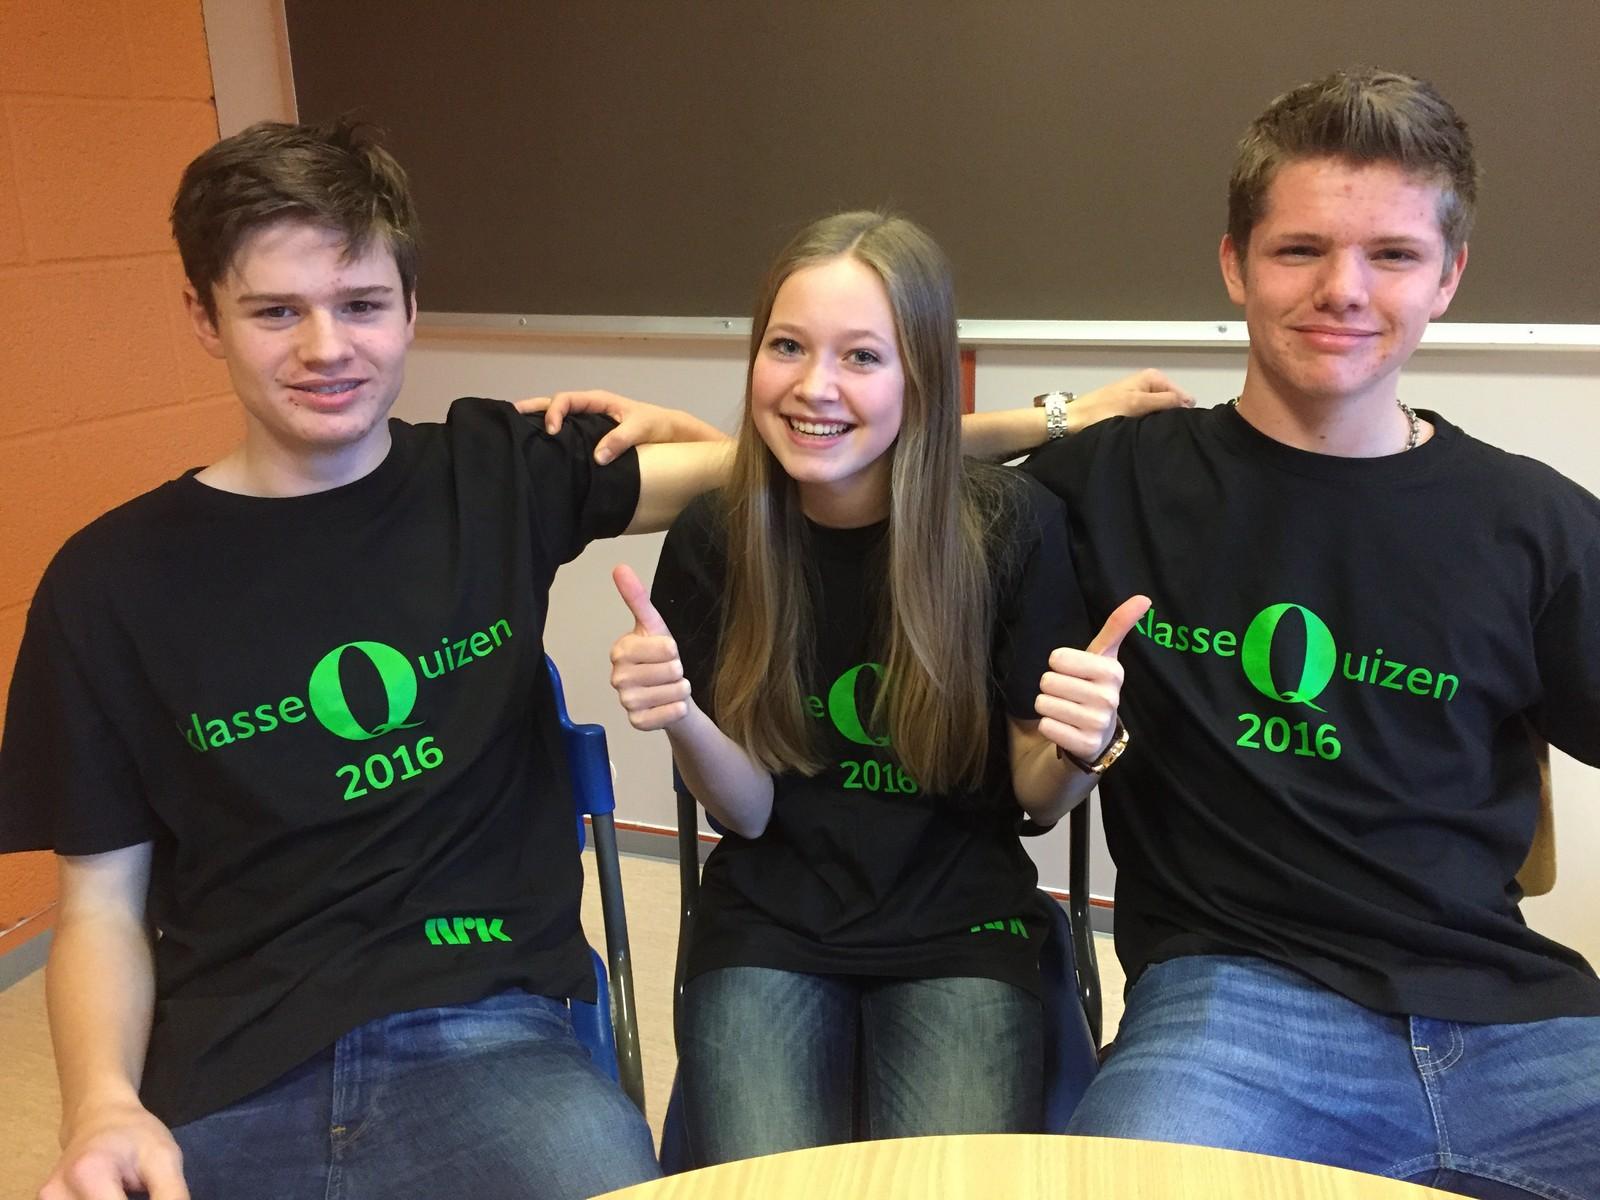 Simen Høgsnes, Sigrid Warberg Vestheim og Rune Grobbakken fra Øystre Slidre ungdomsskule fikk 8 poeng i Klassequizen.